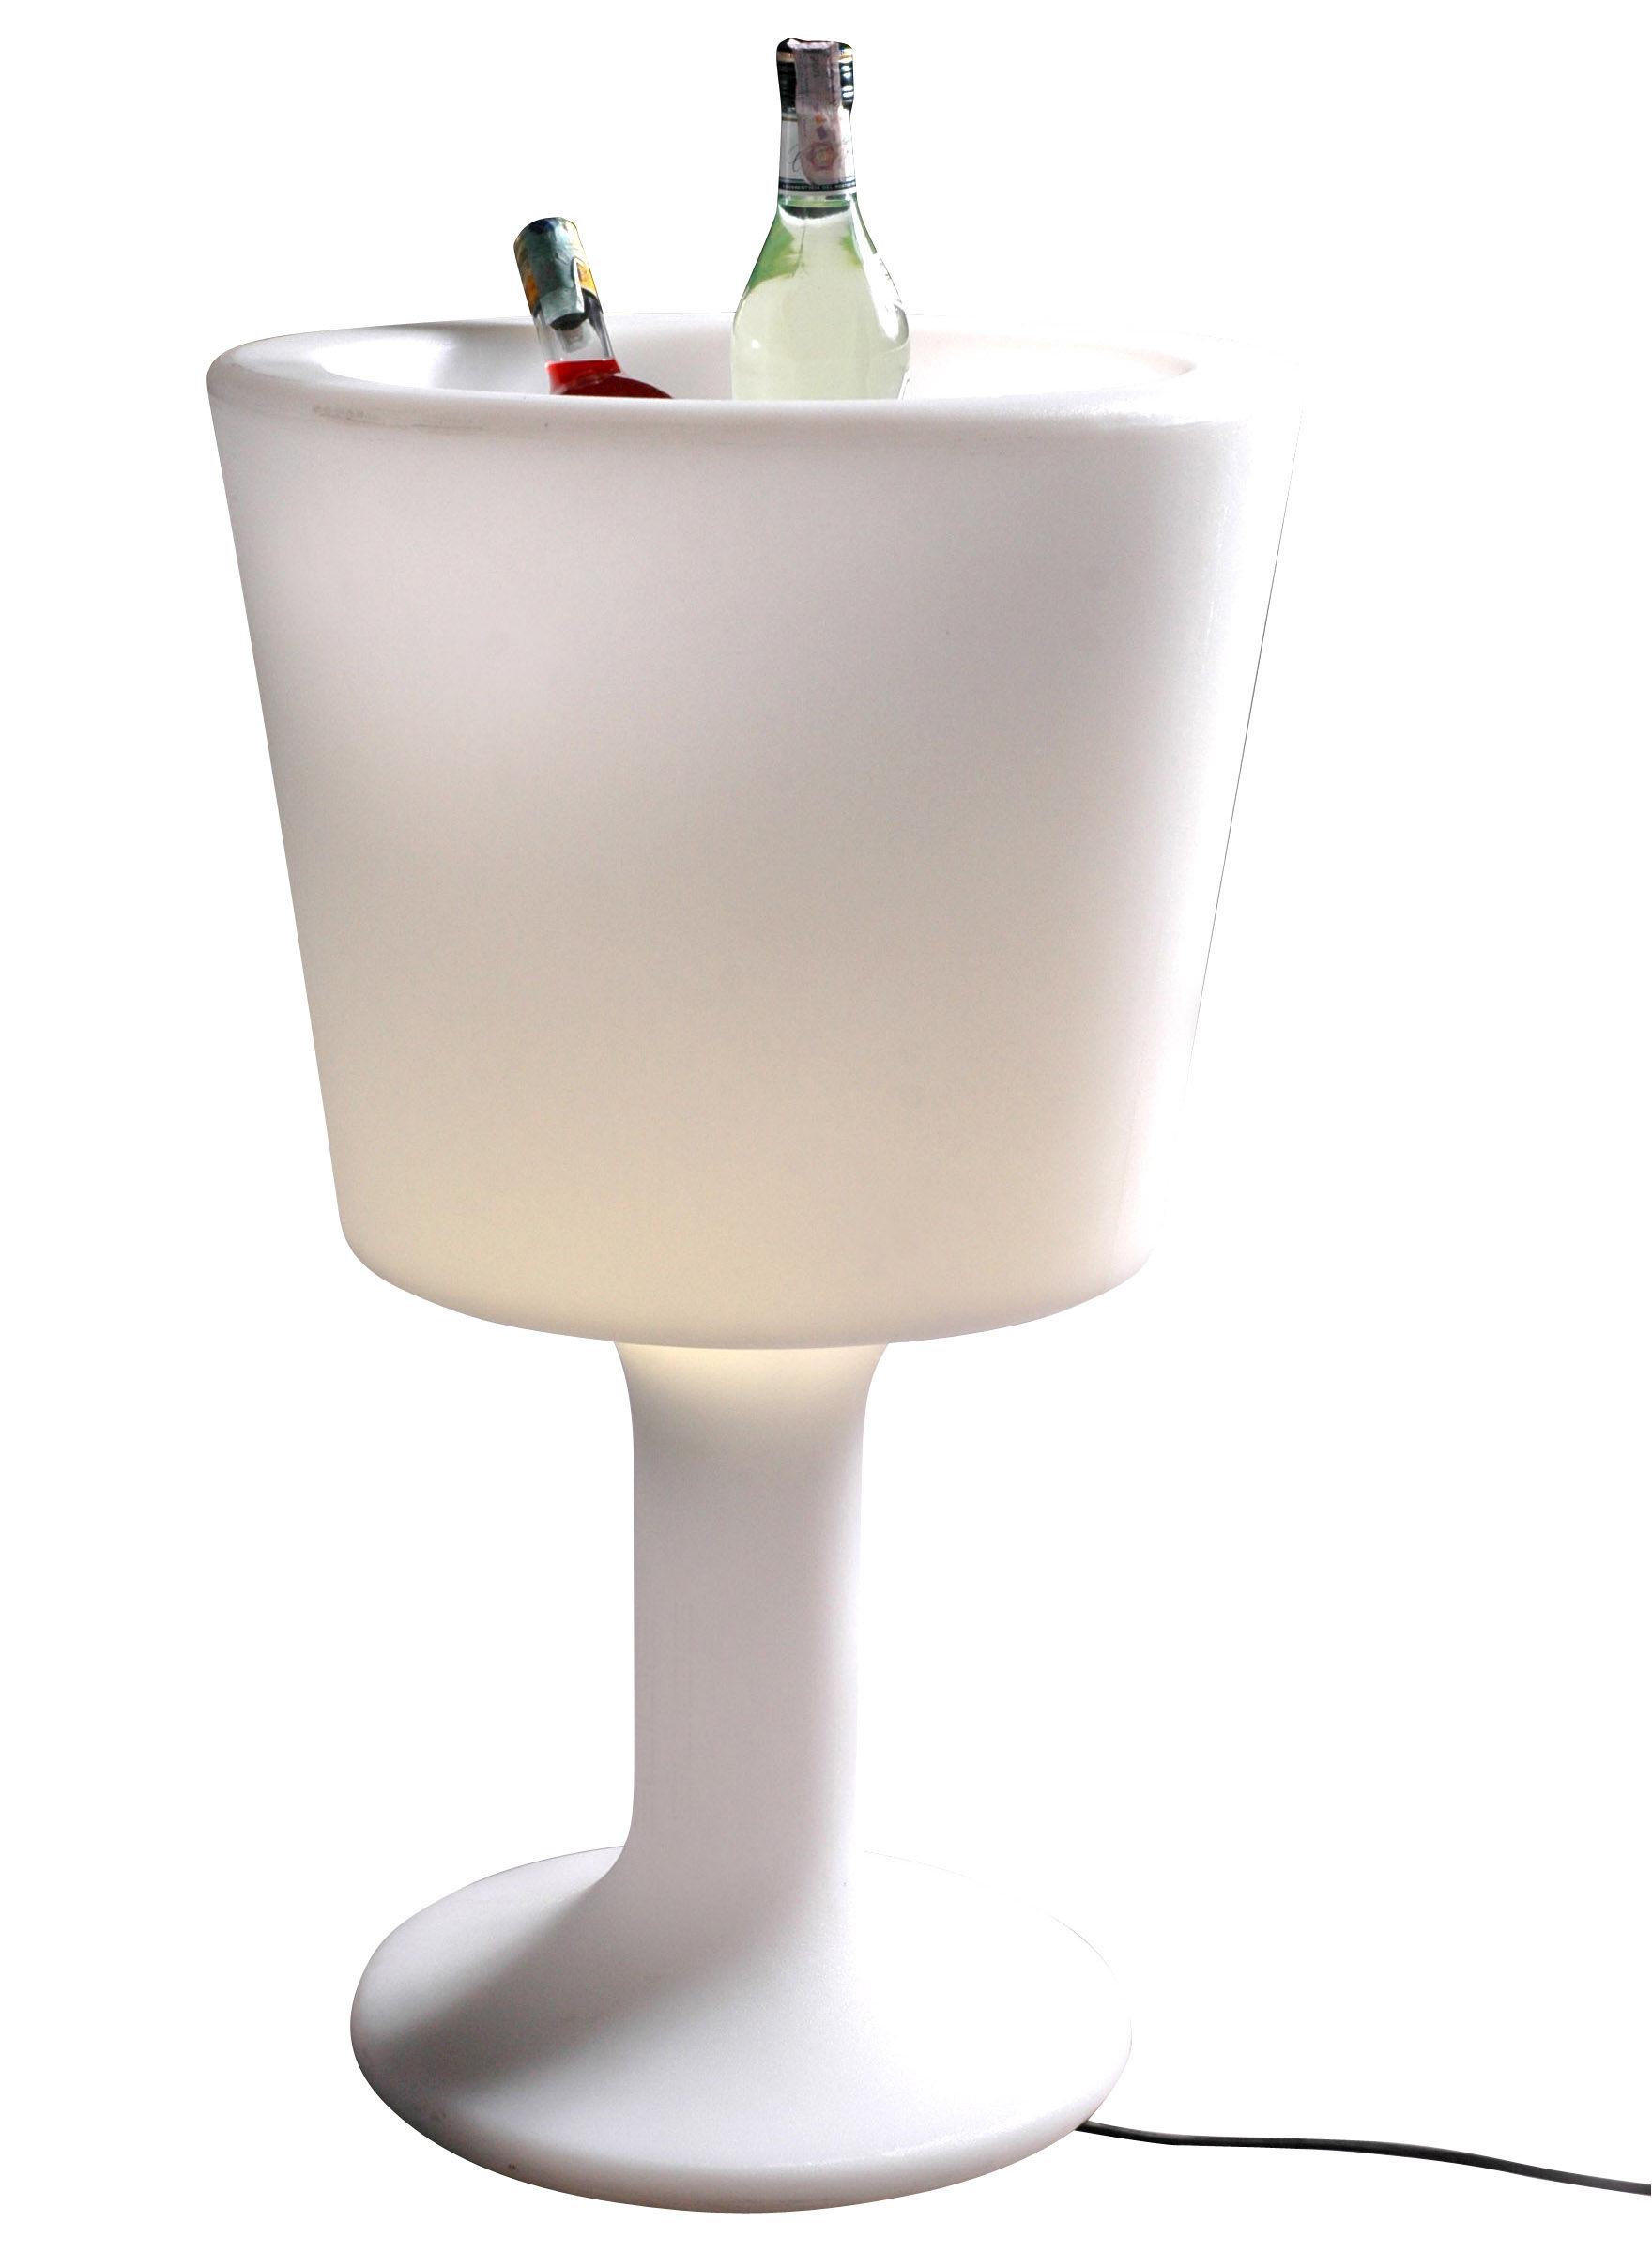 Mobilier - Mobilier lumineux - Porte-bouteilles lumineux Light Drink - Slide - Blanc - polyéthène recyclable